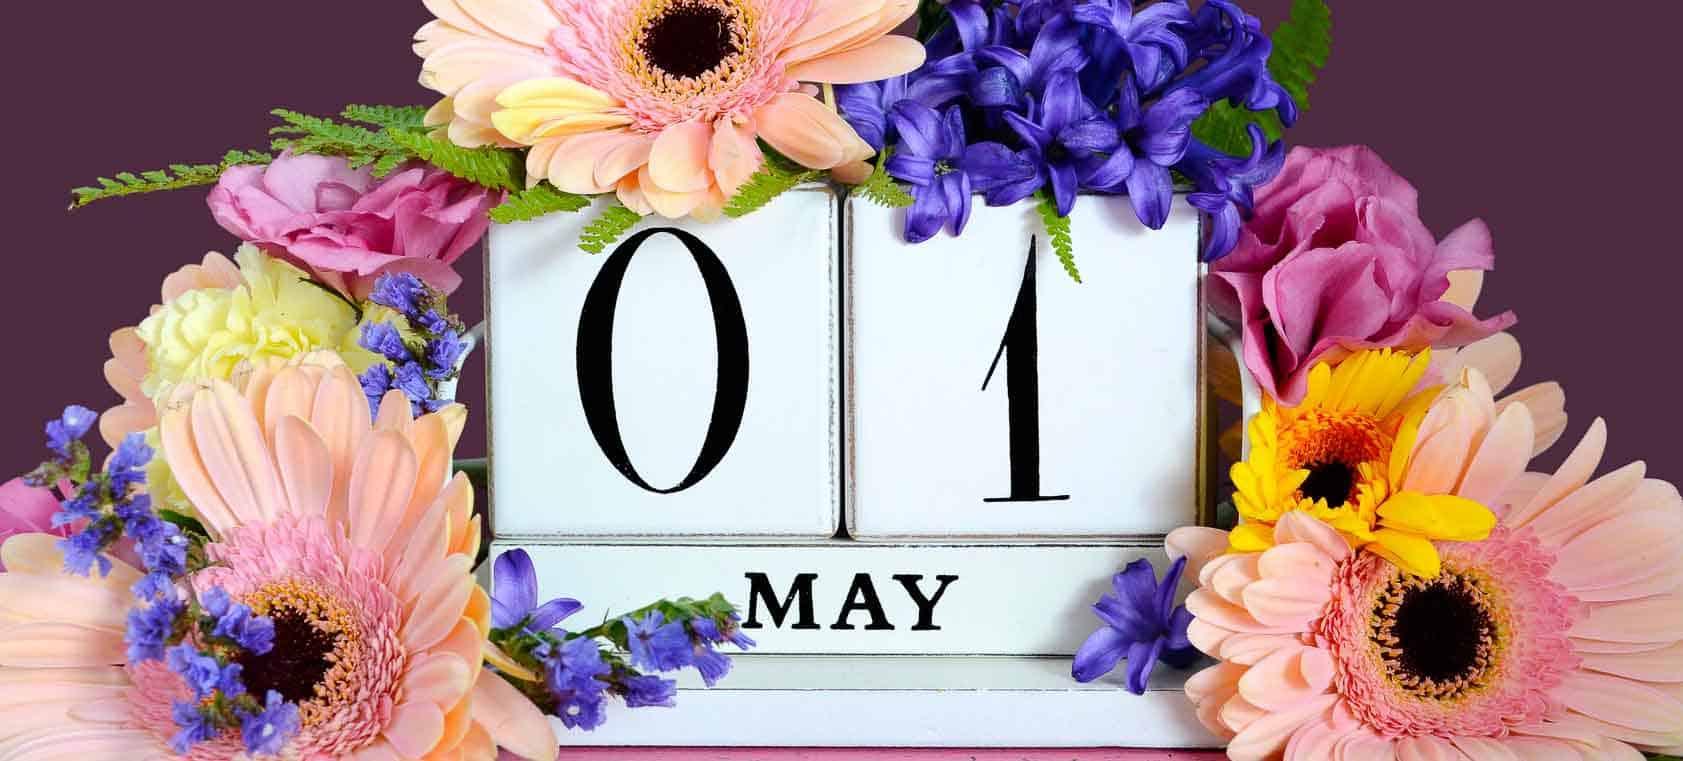 Erster Mai